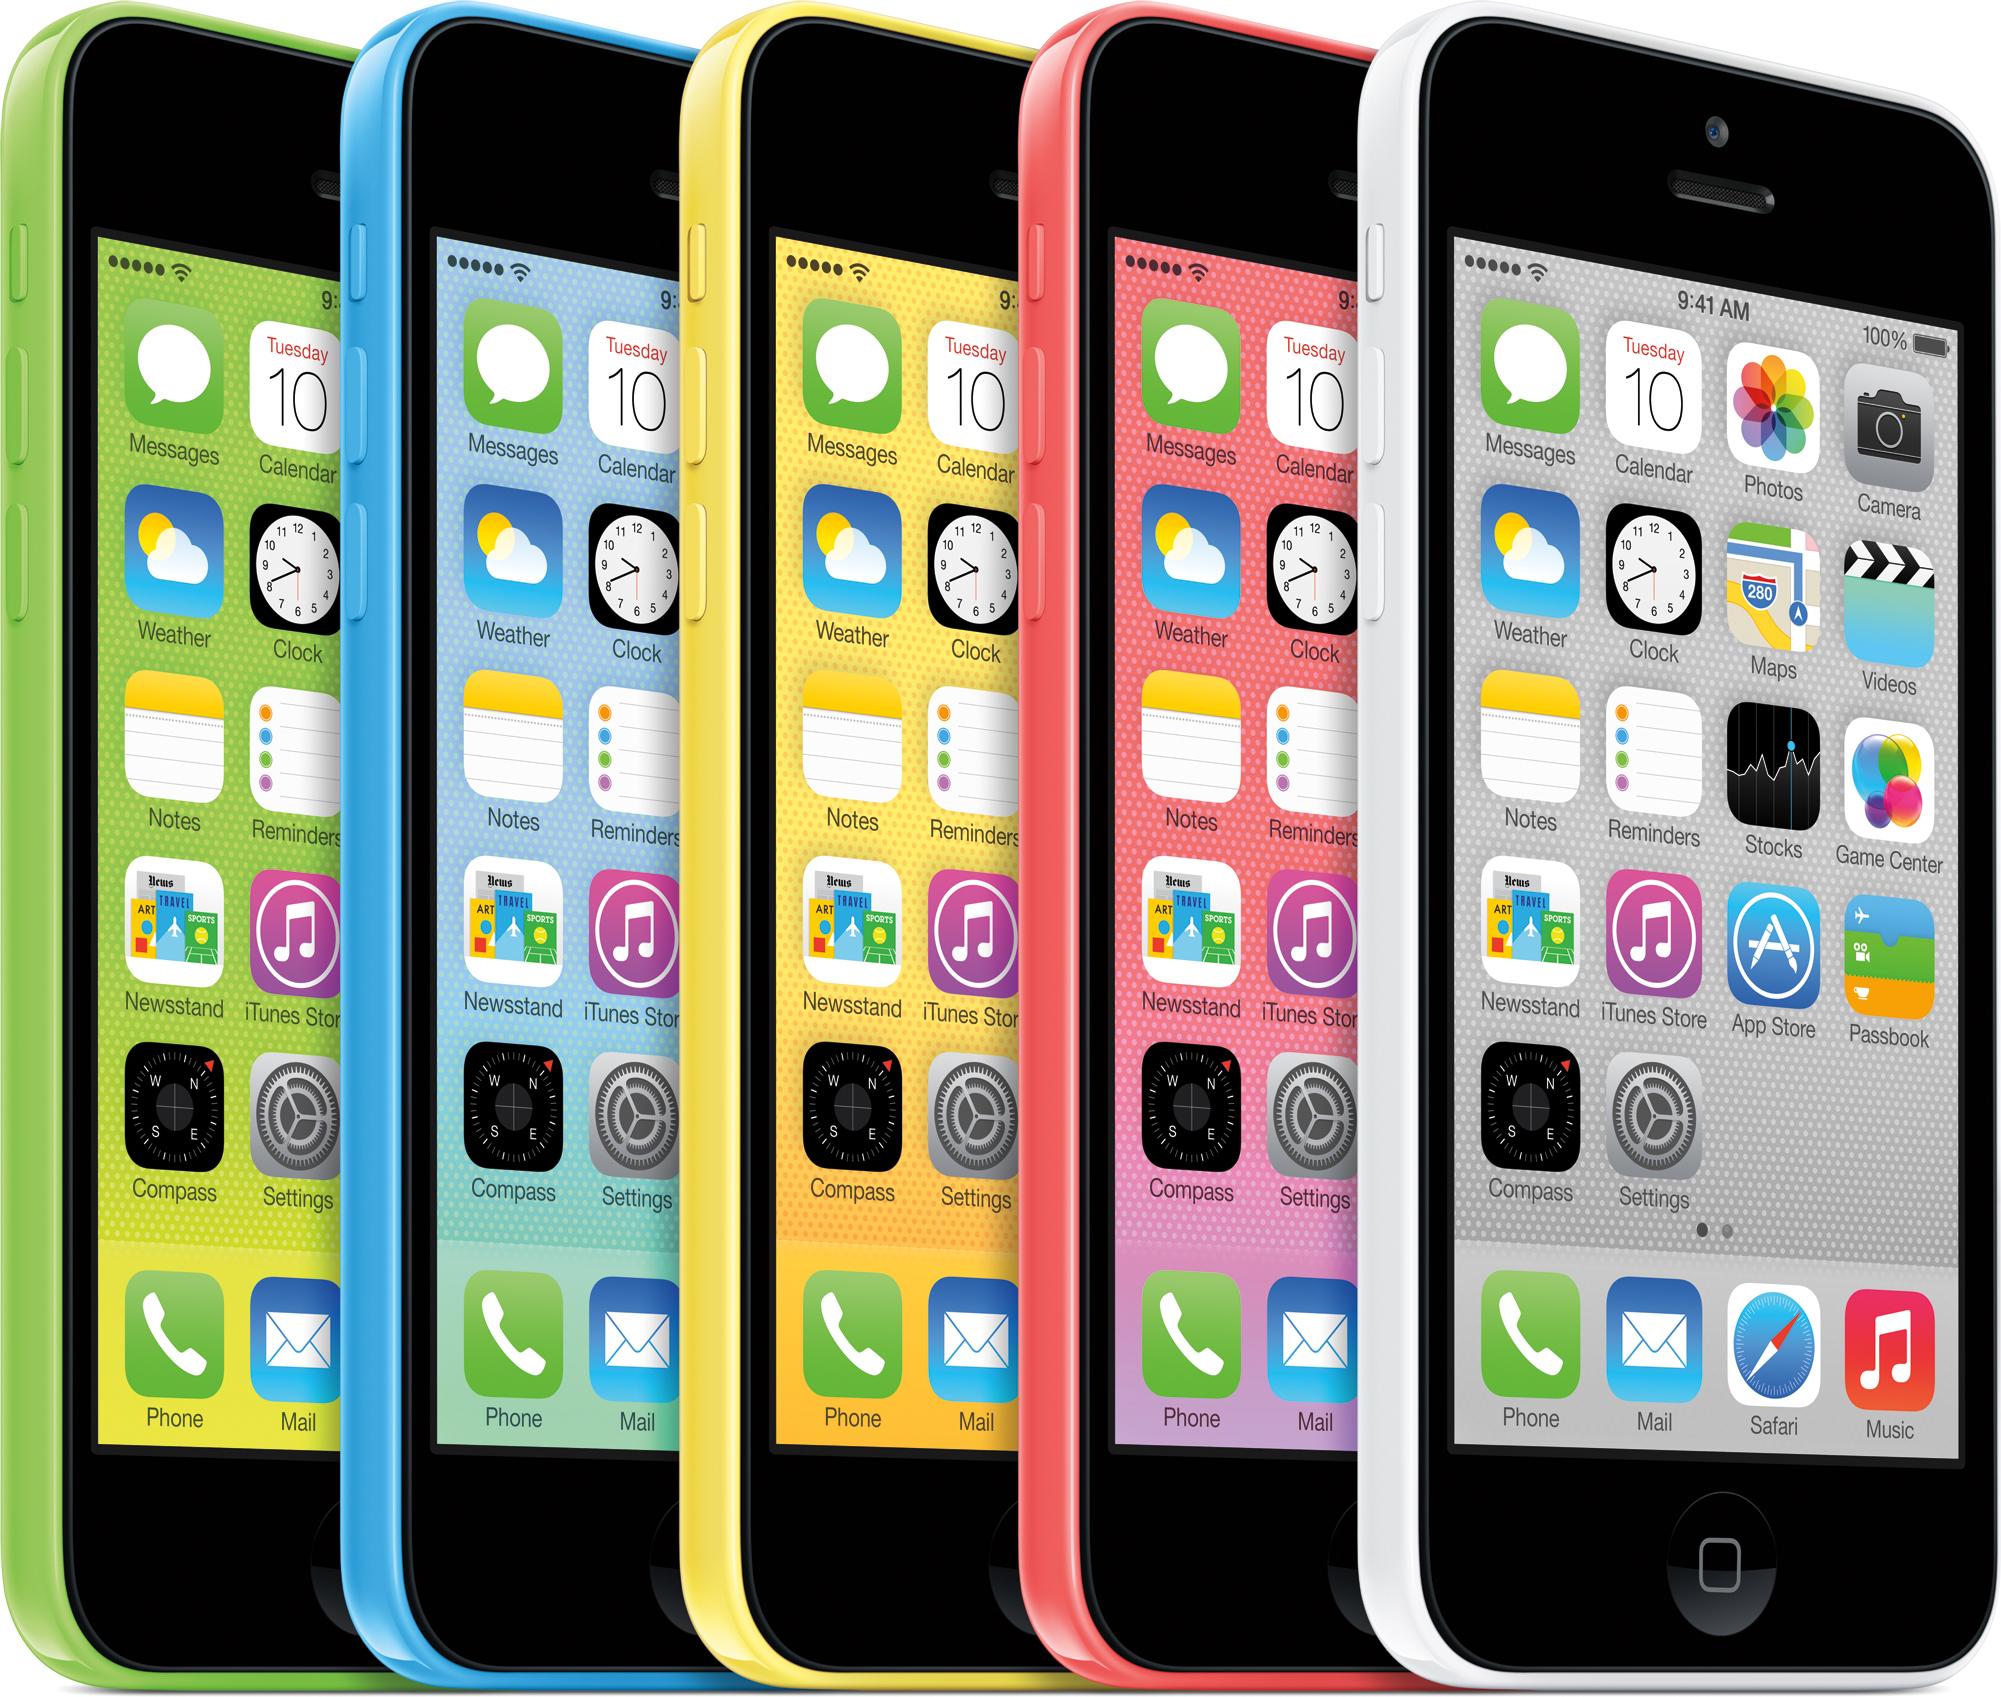 Cores dos iPhones 5c